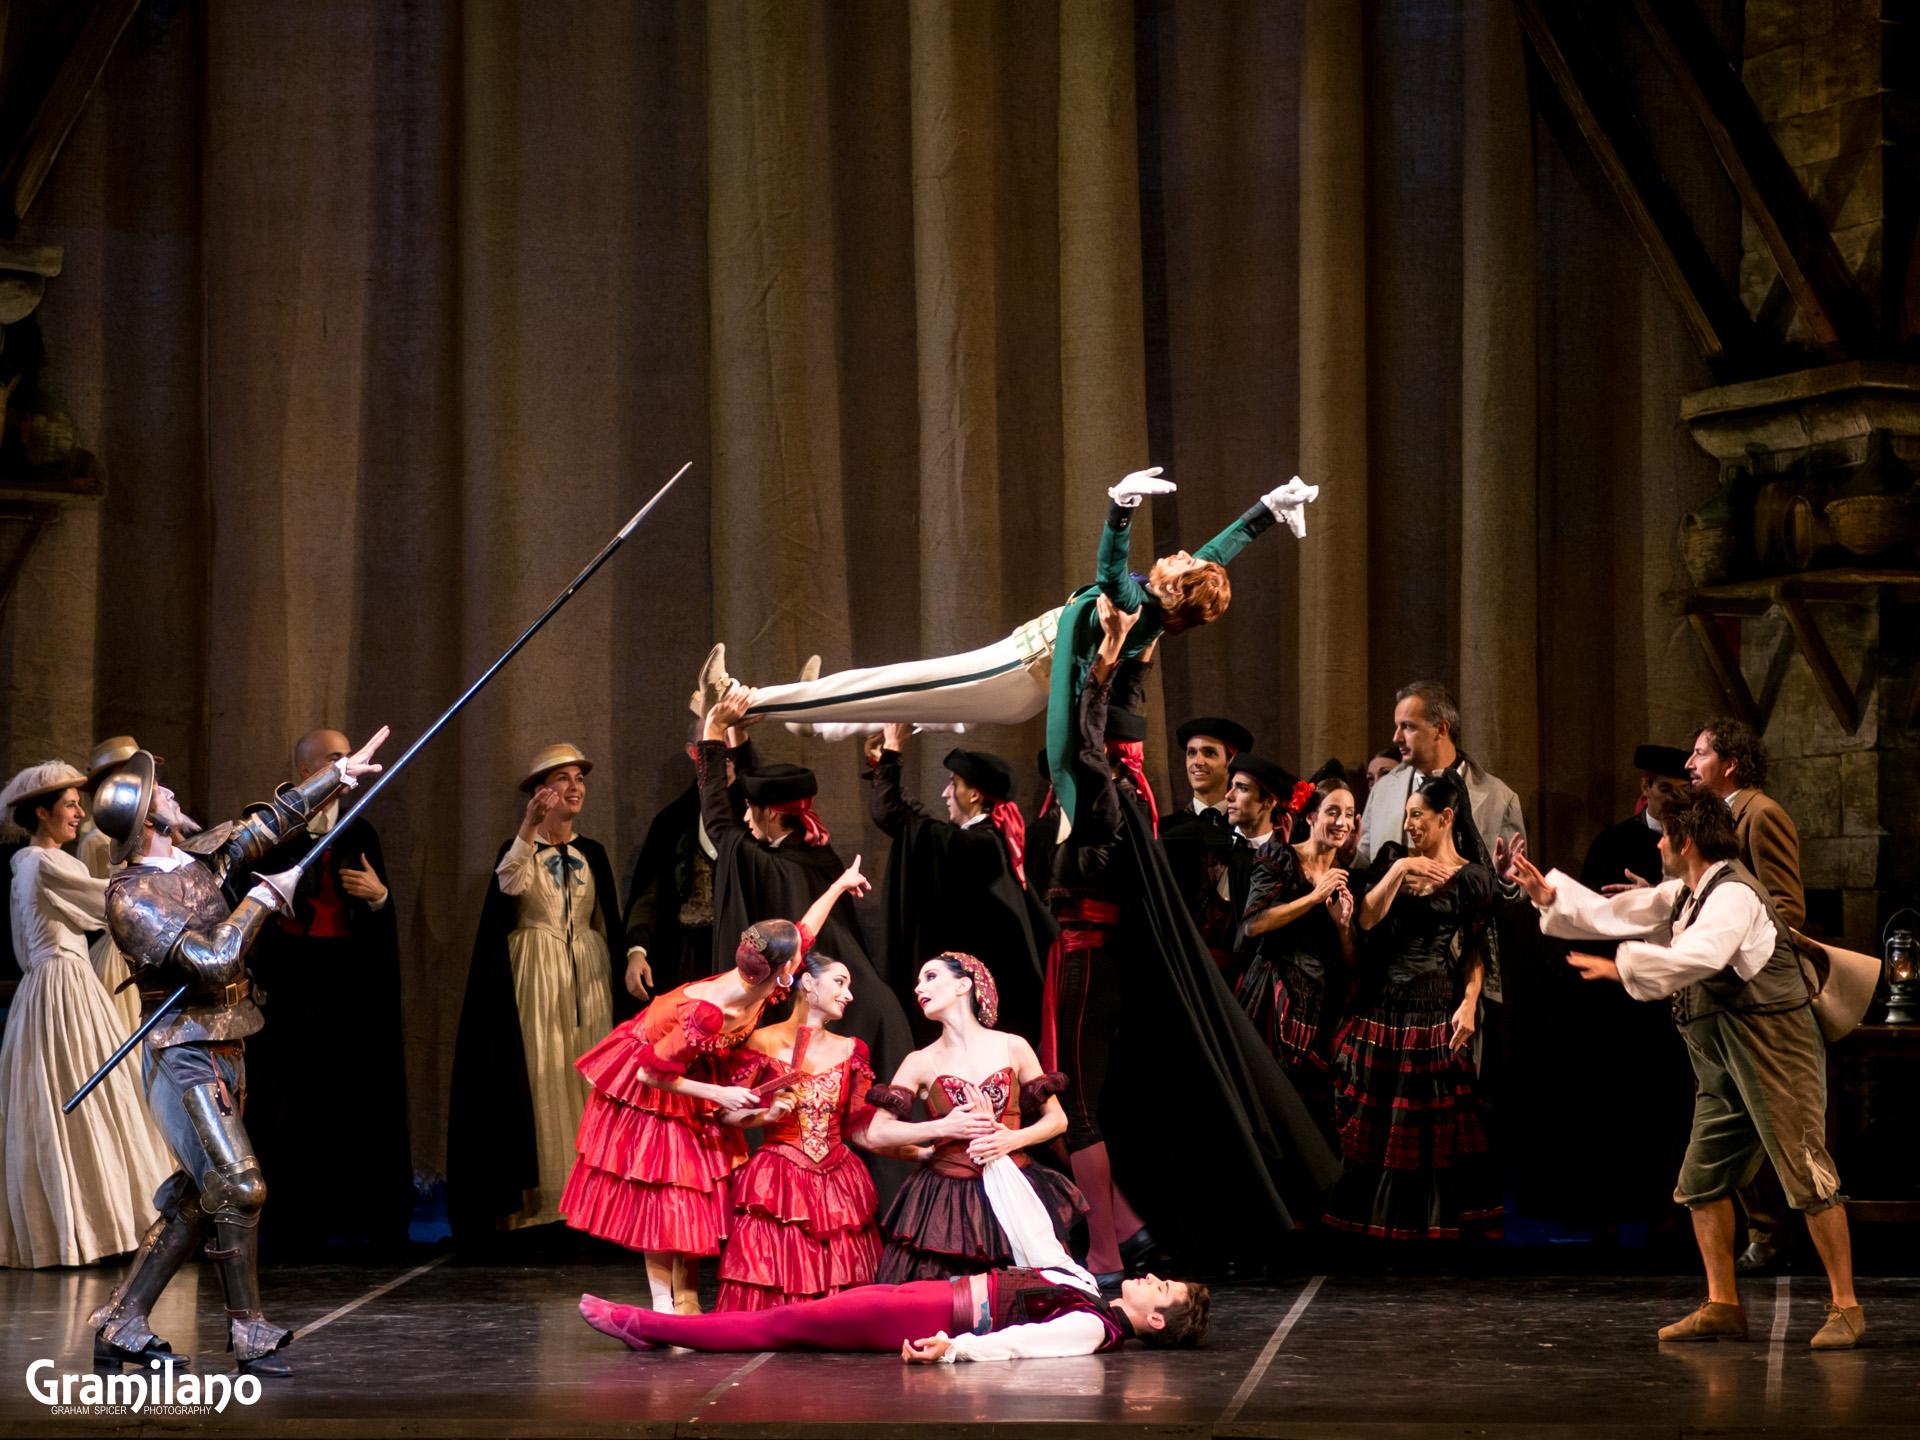 Tamara Rojo and Claudio Coviello in Don Quixote